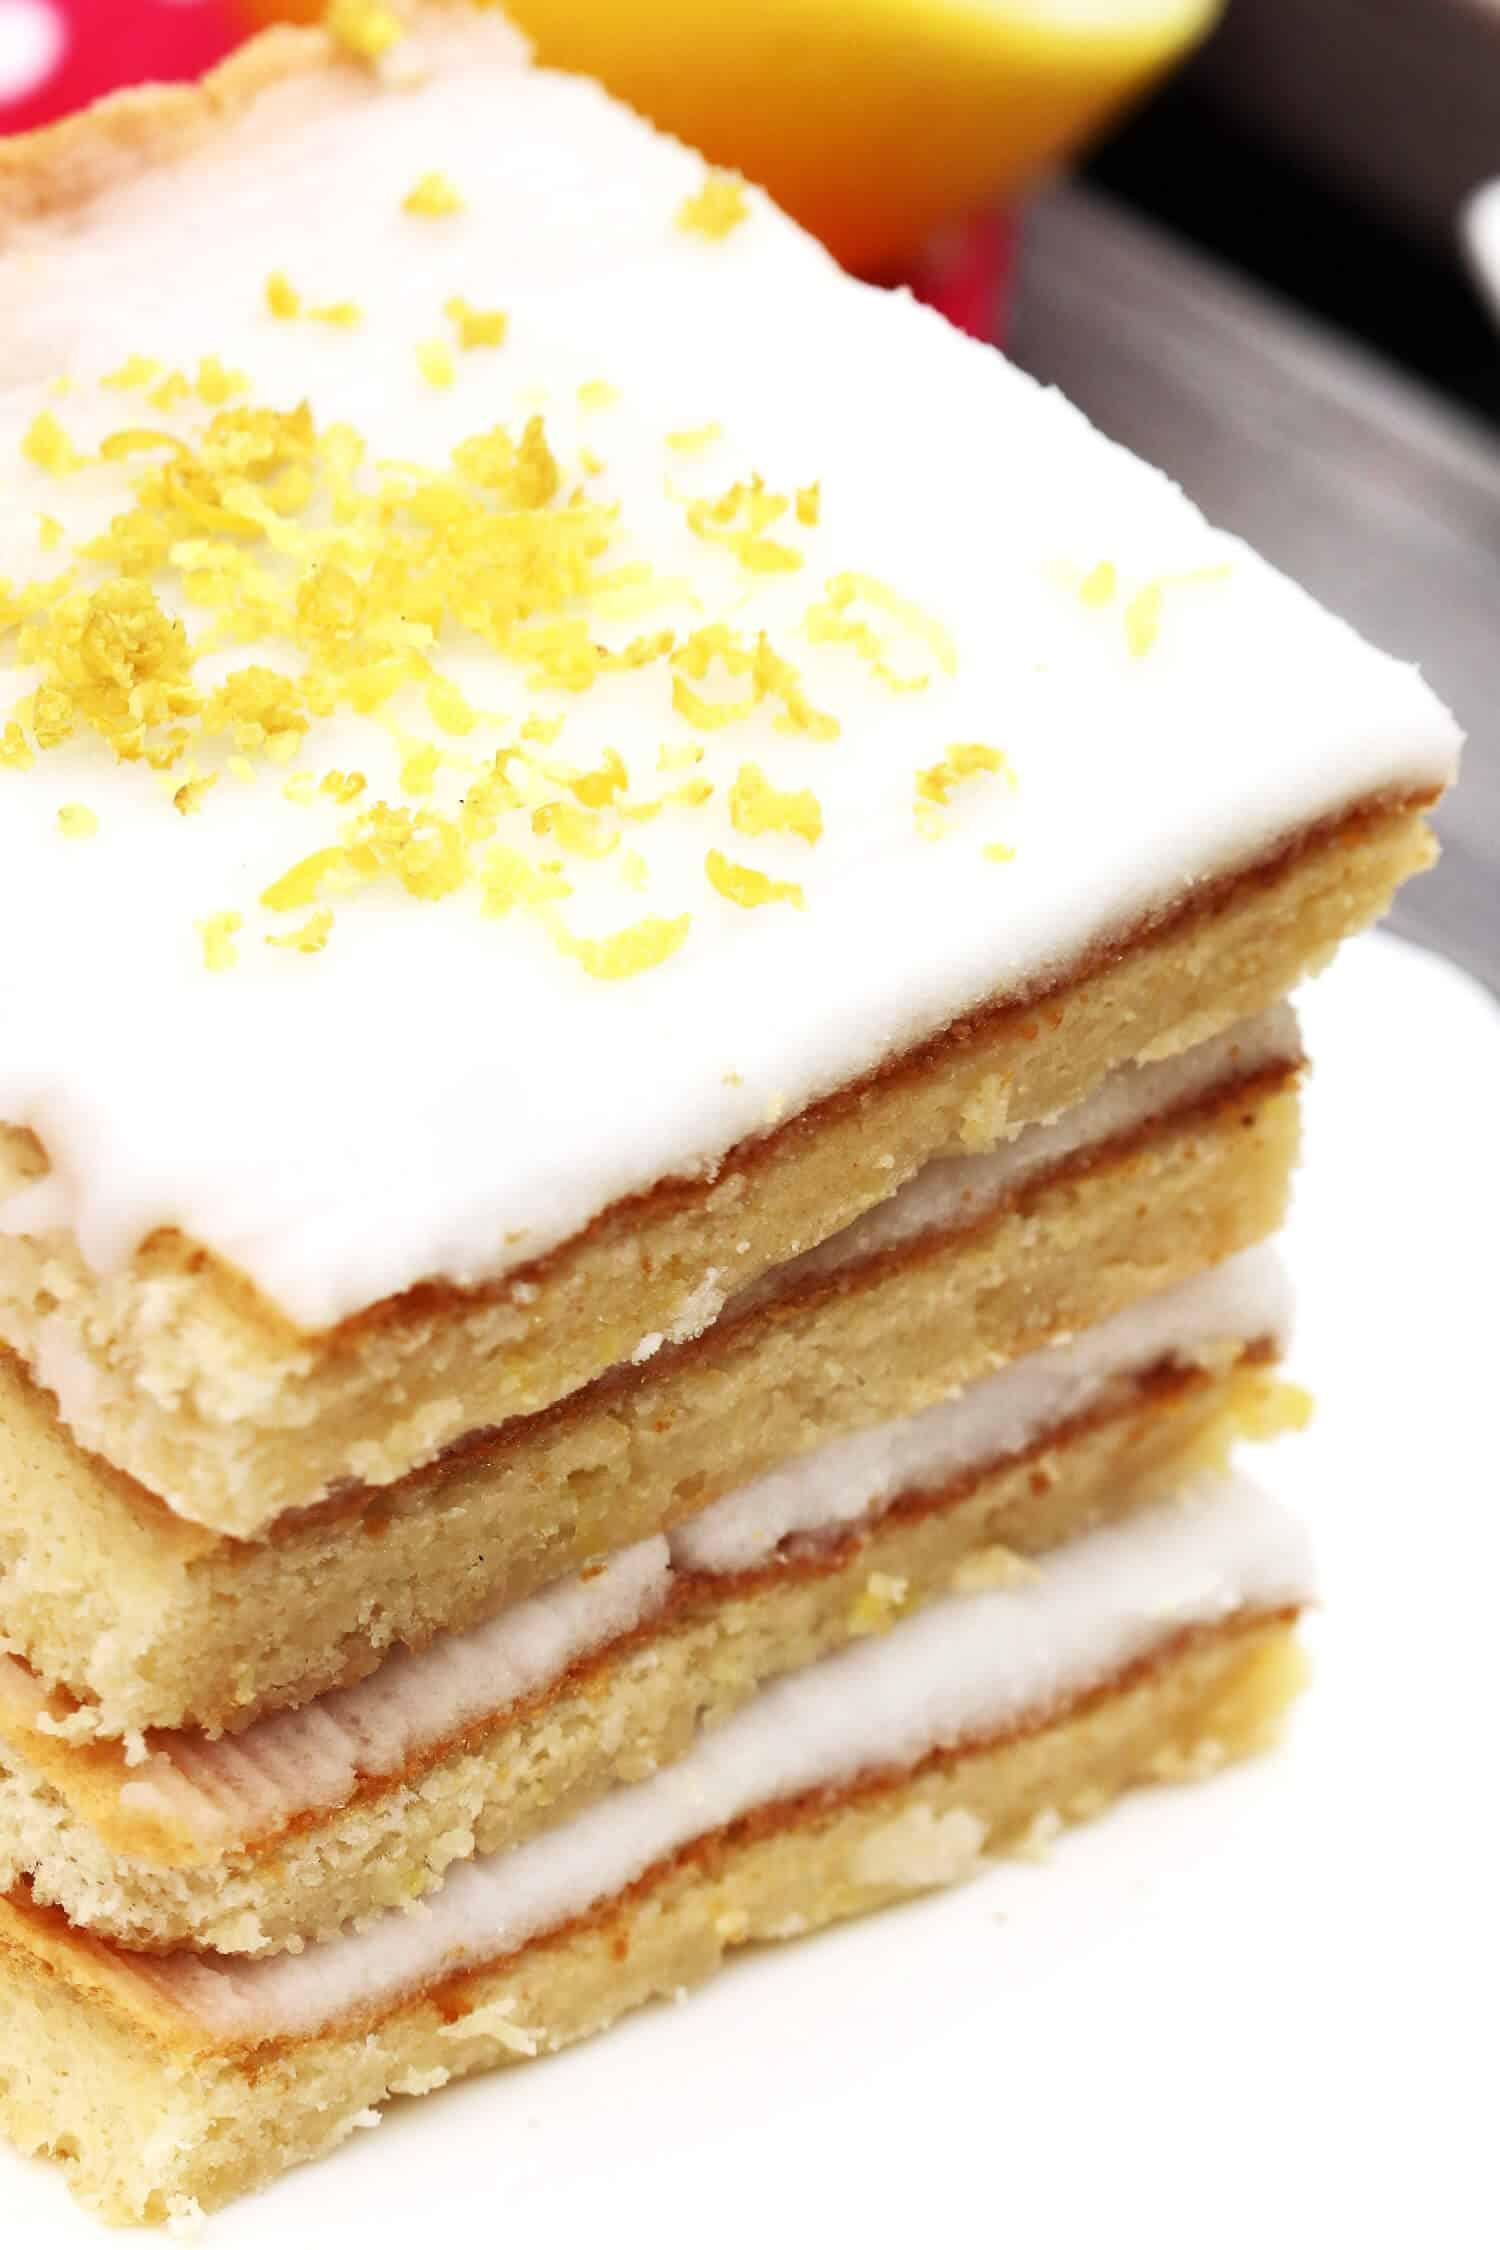 Rezept für einen Low Carb Zitronenkuchen ohne Mehl und Zucker